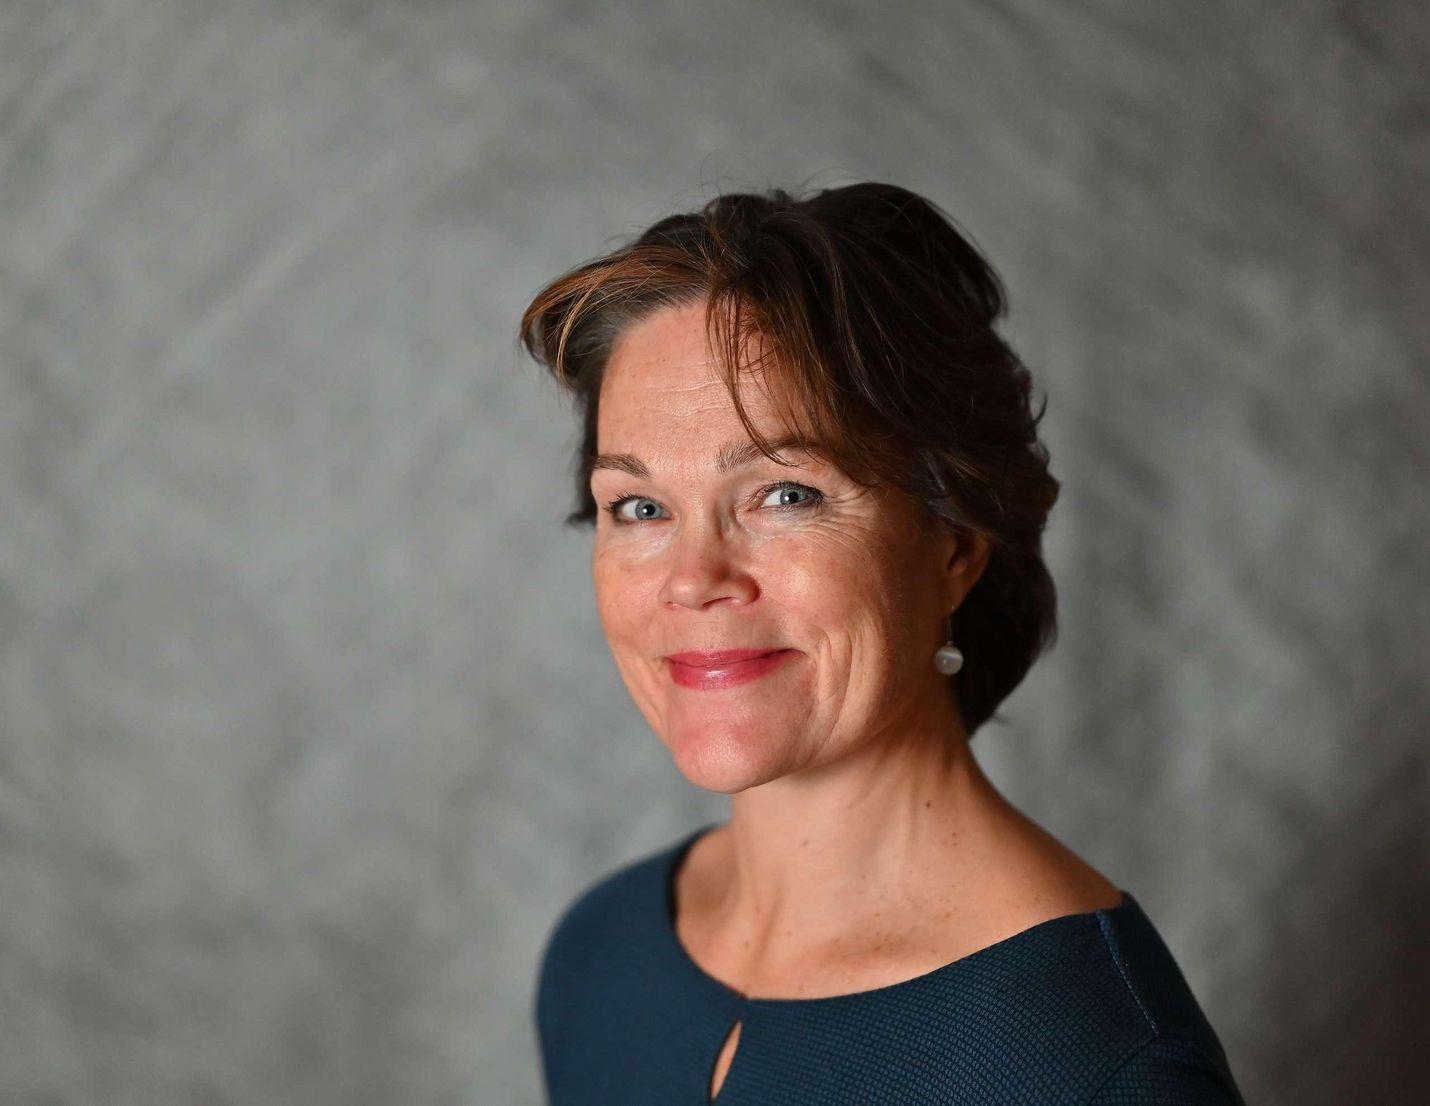 Erilaisten oppijoiden liiton toiminnanjohtaja Sarianna Reinikainen vastaa kysymyksiin lukivaikeudesta.